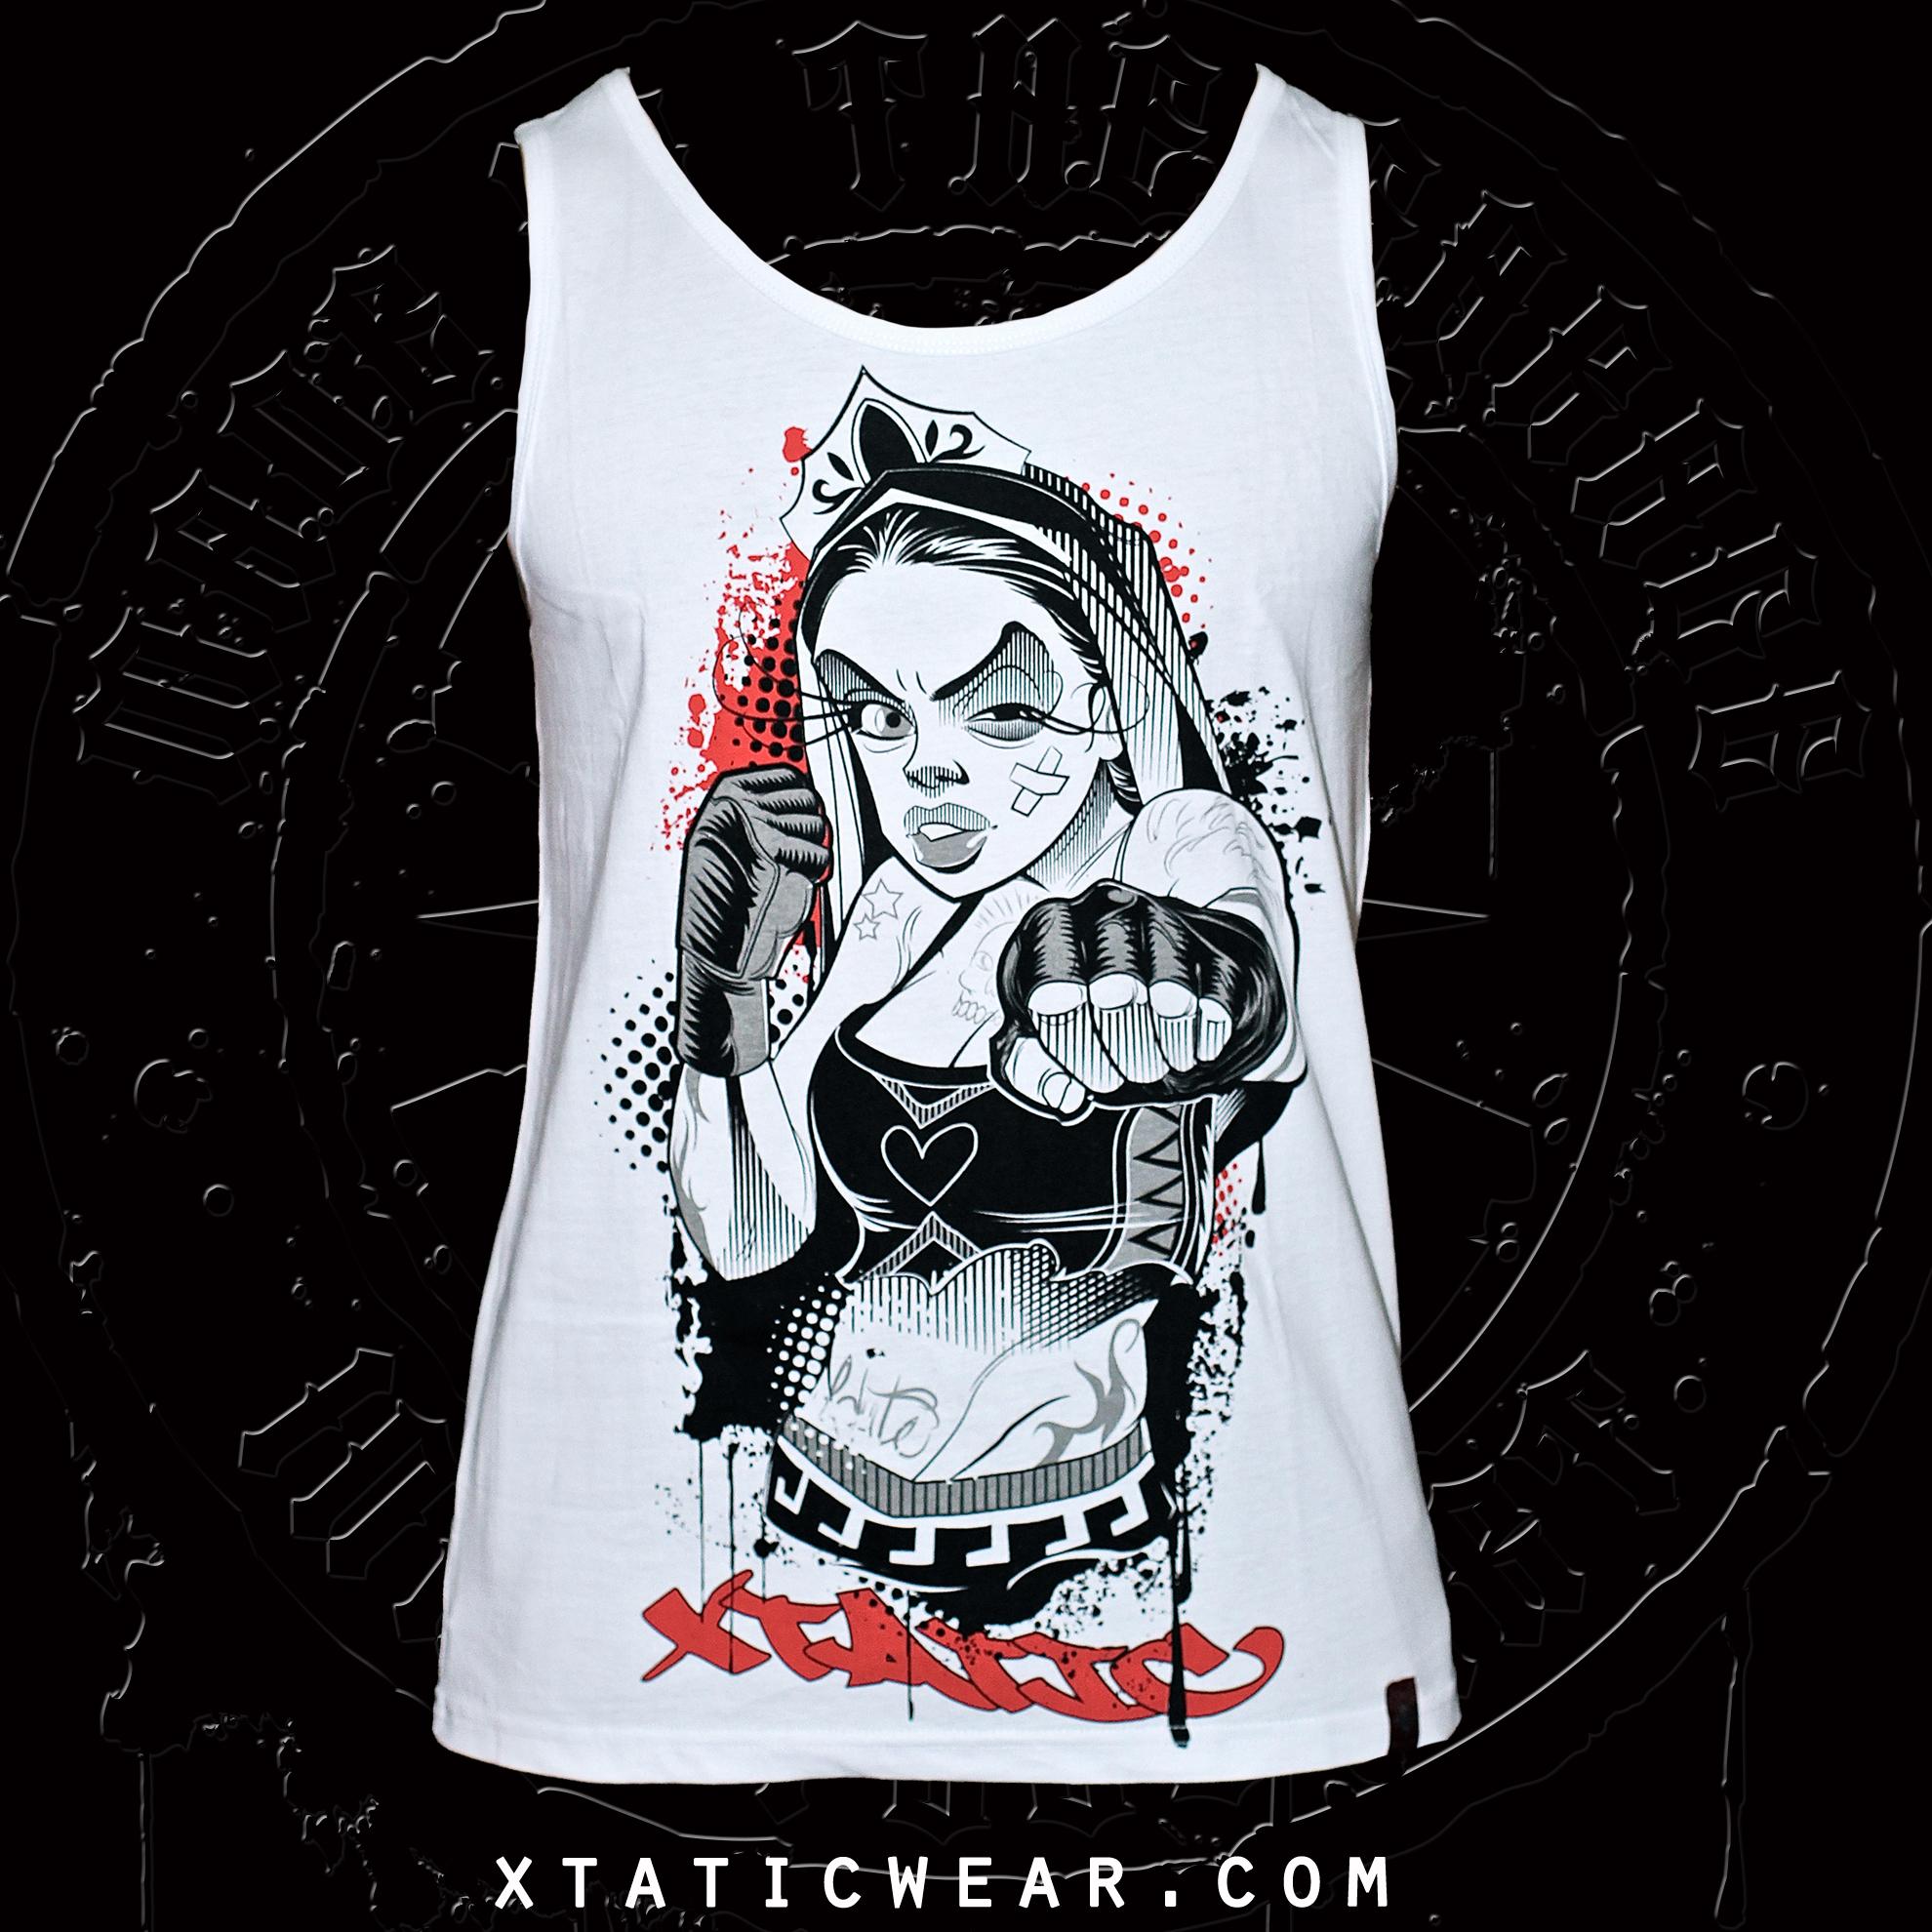 xtatic_wear_chica_mala_long_white_tank_top_t_shirts_4.jpg